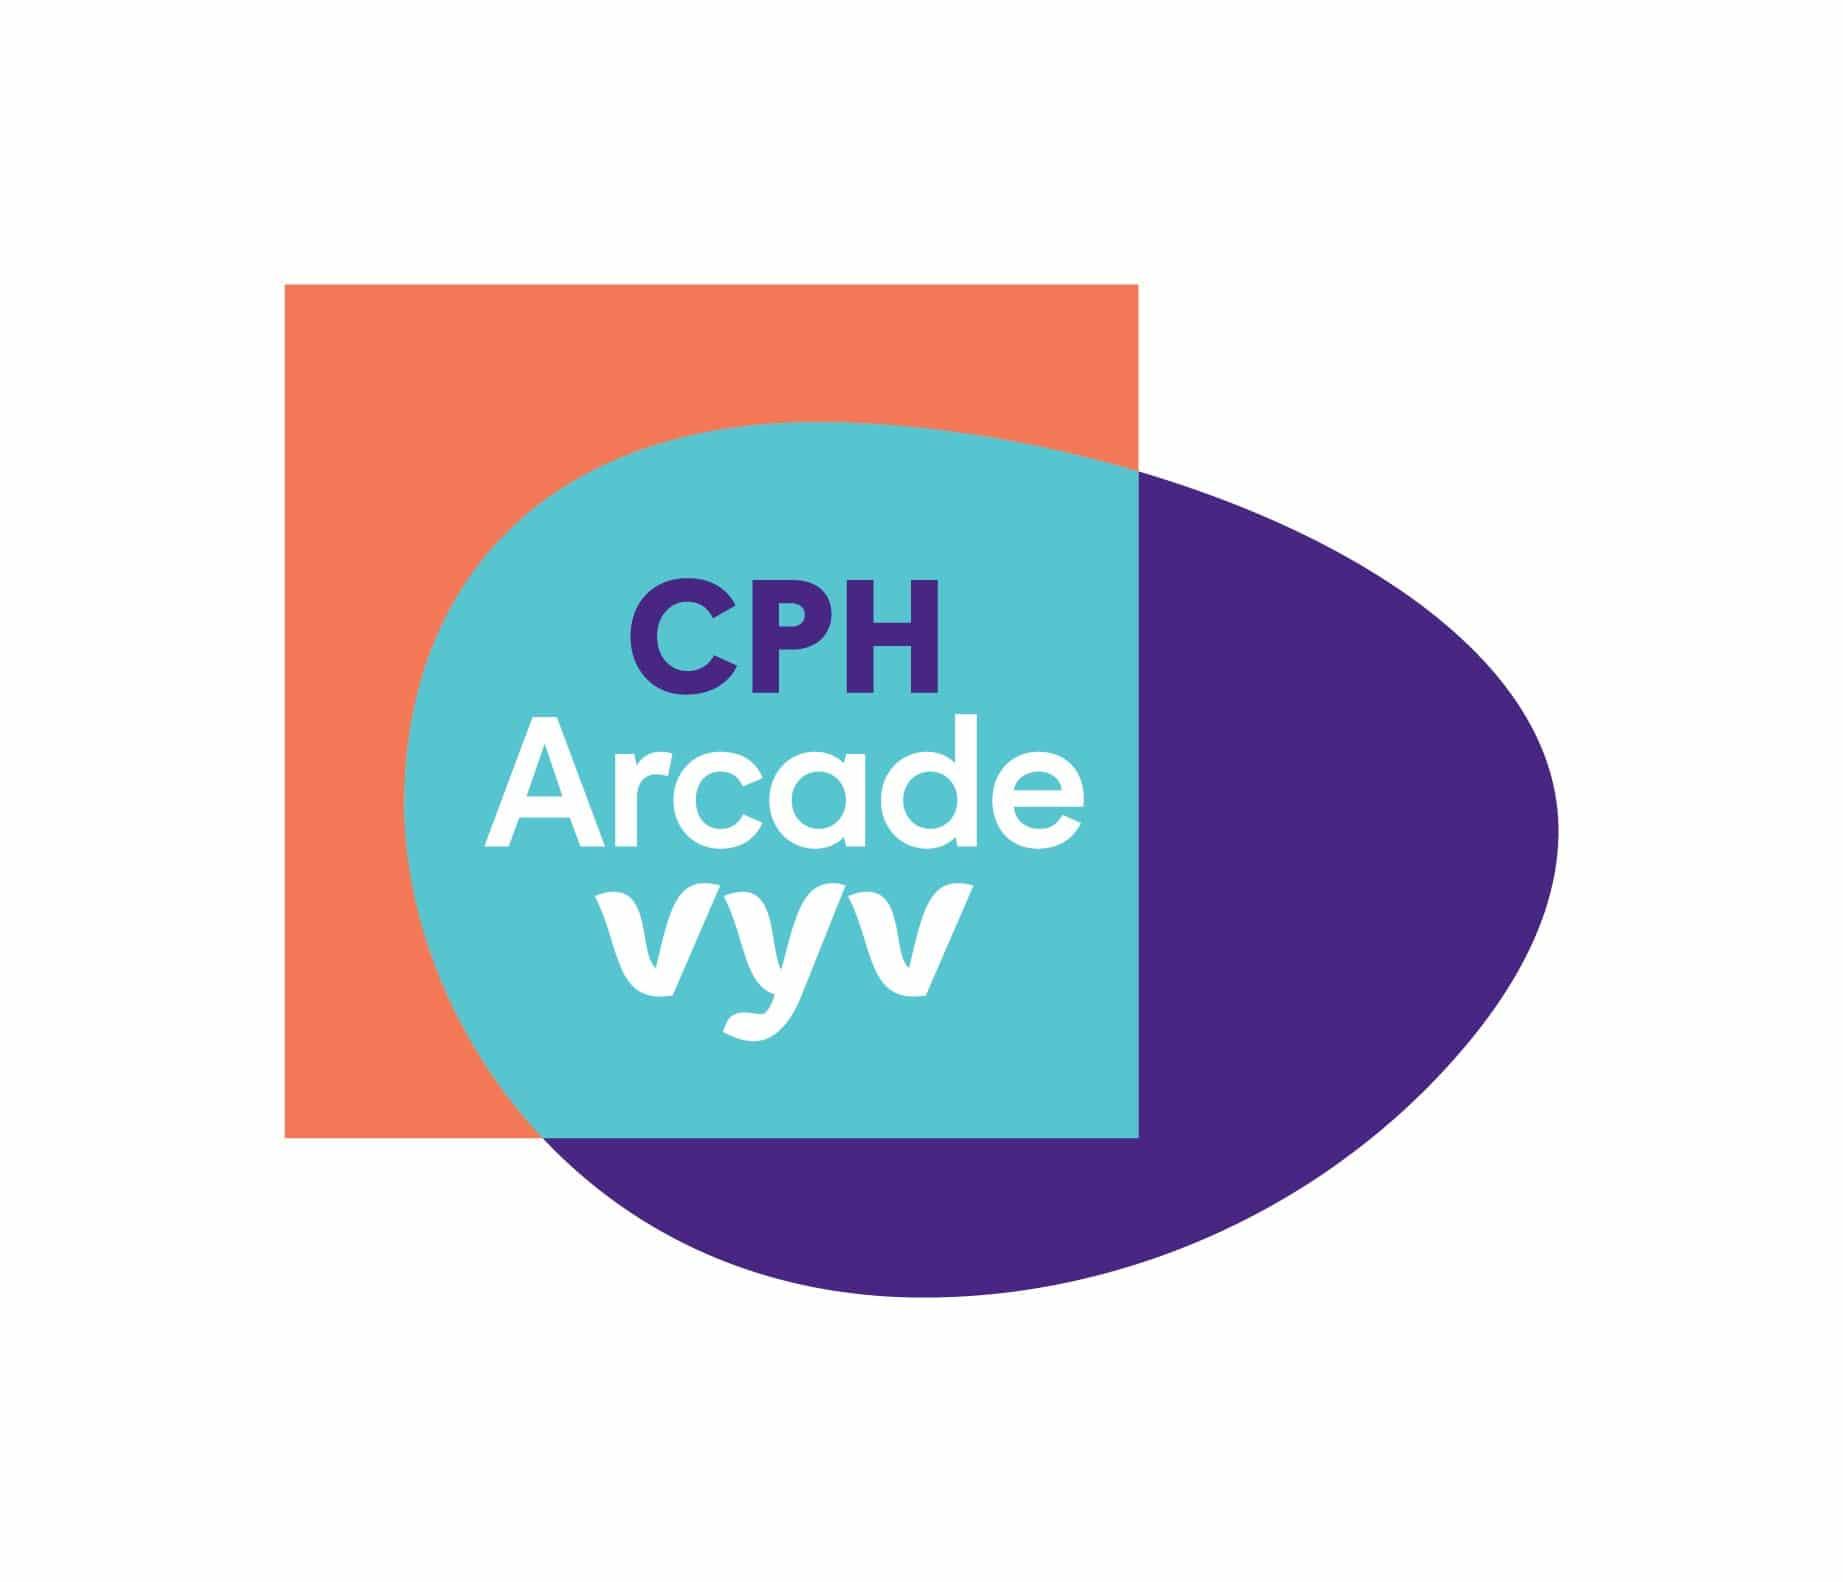 CPH Arcade-VYV